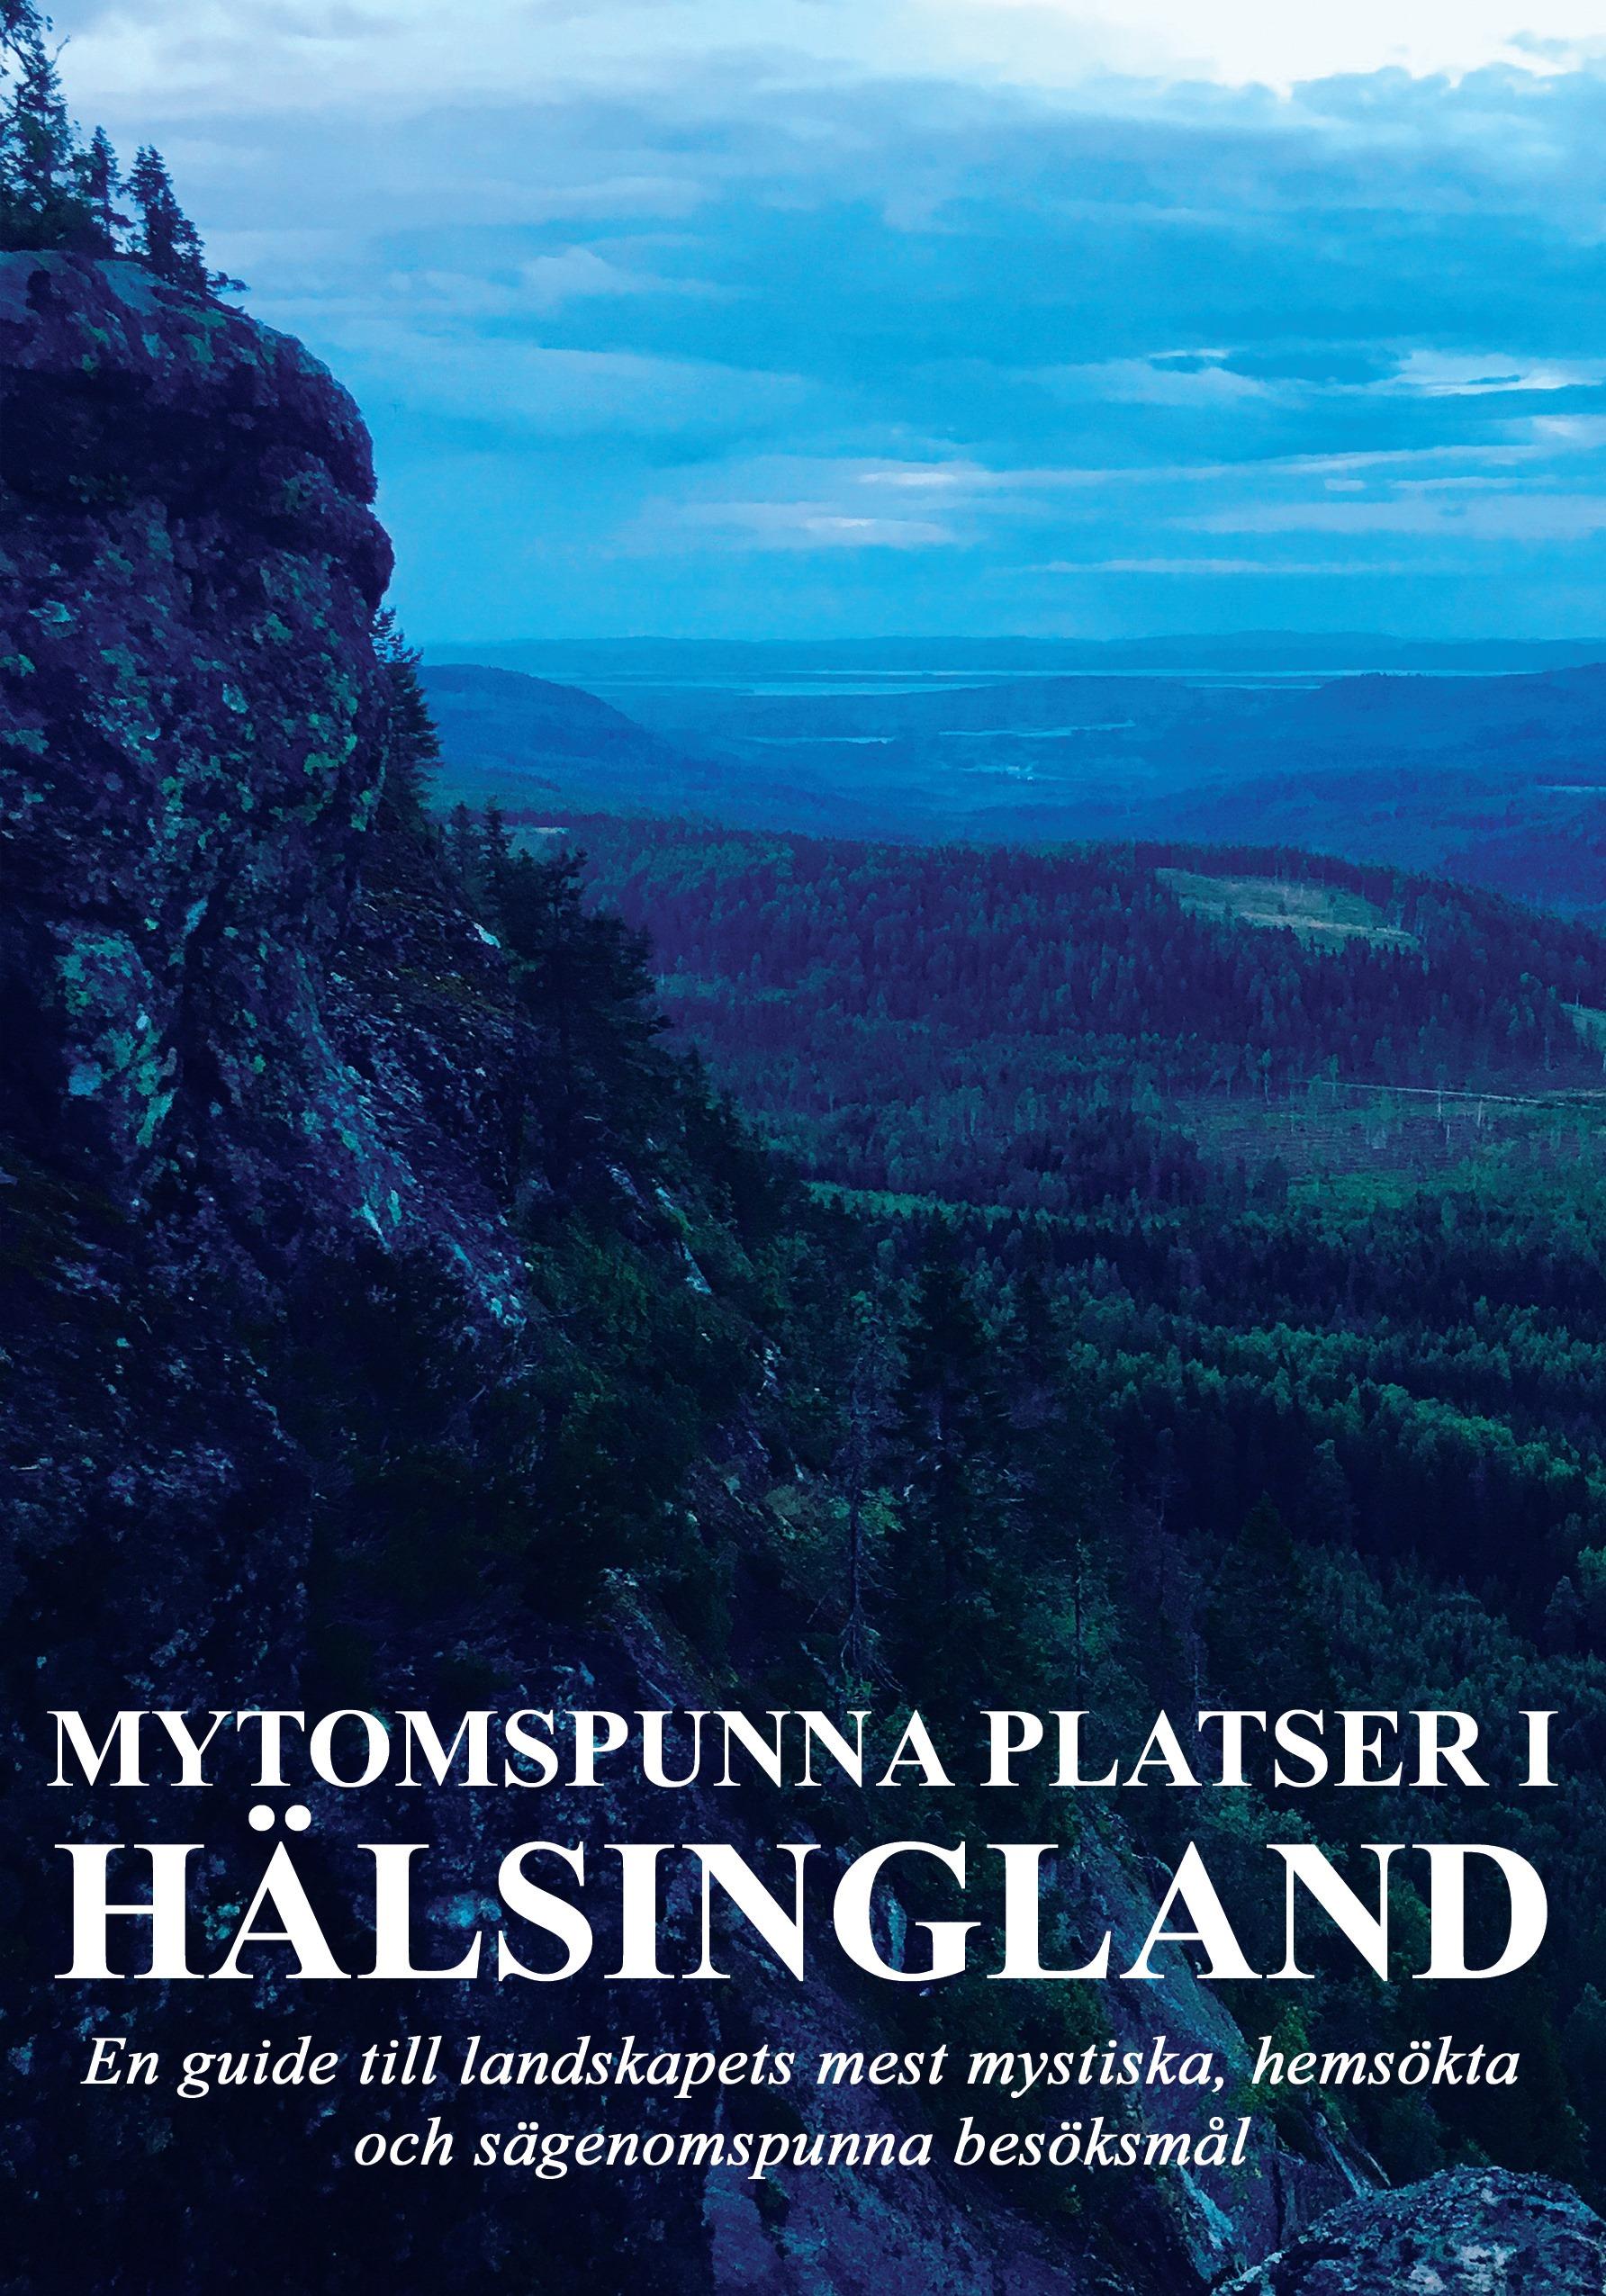 """April-erbjudande! Köp boken """"Mytomspunna platser i Hälsingland"""" och få ett bonushäfte på köpet"""